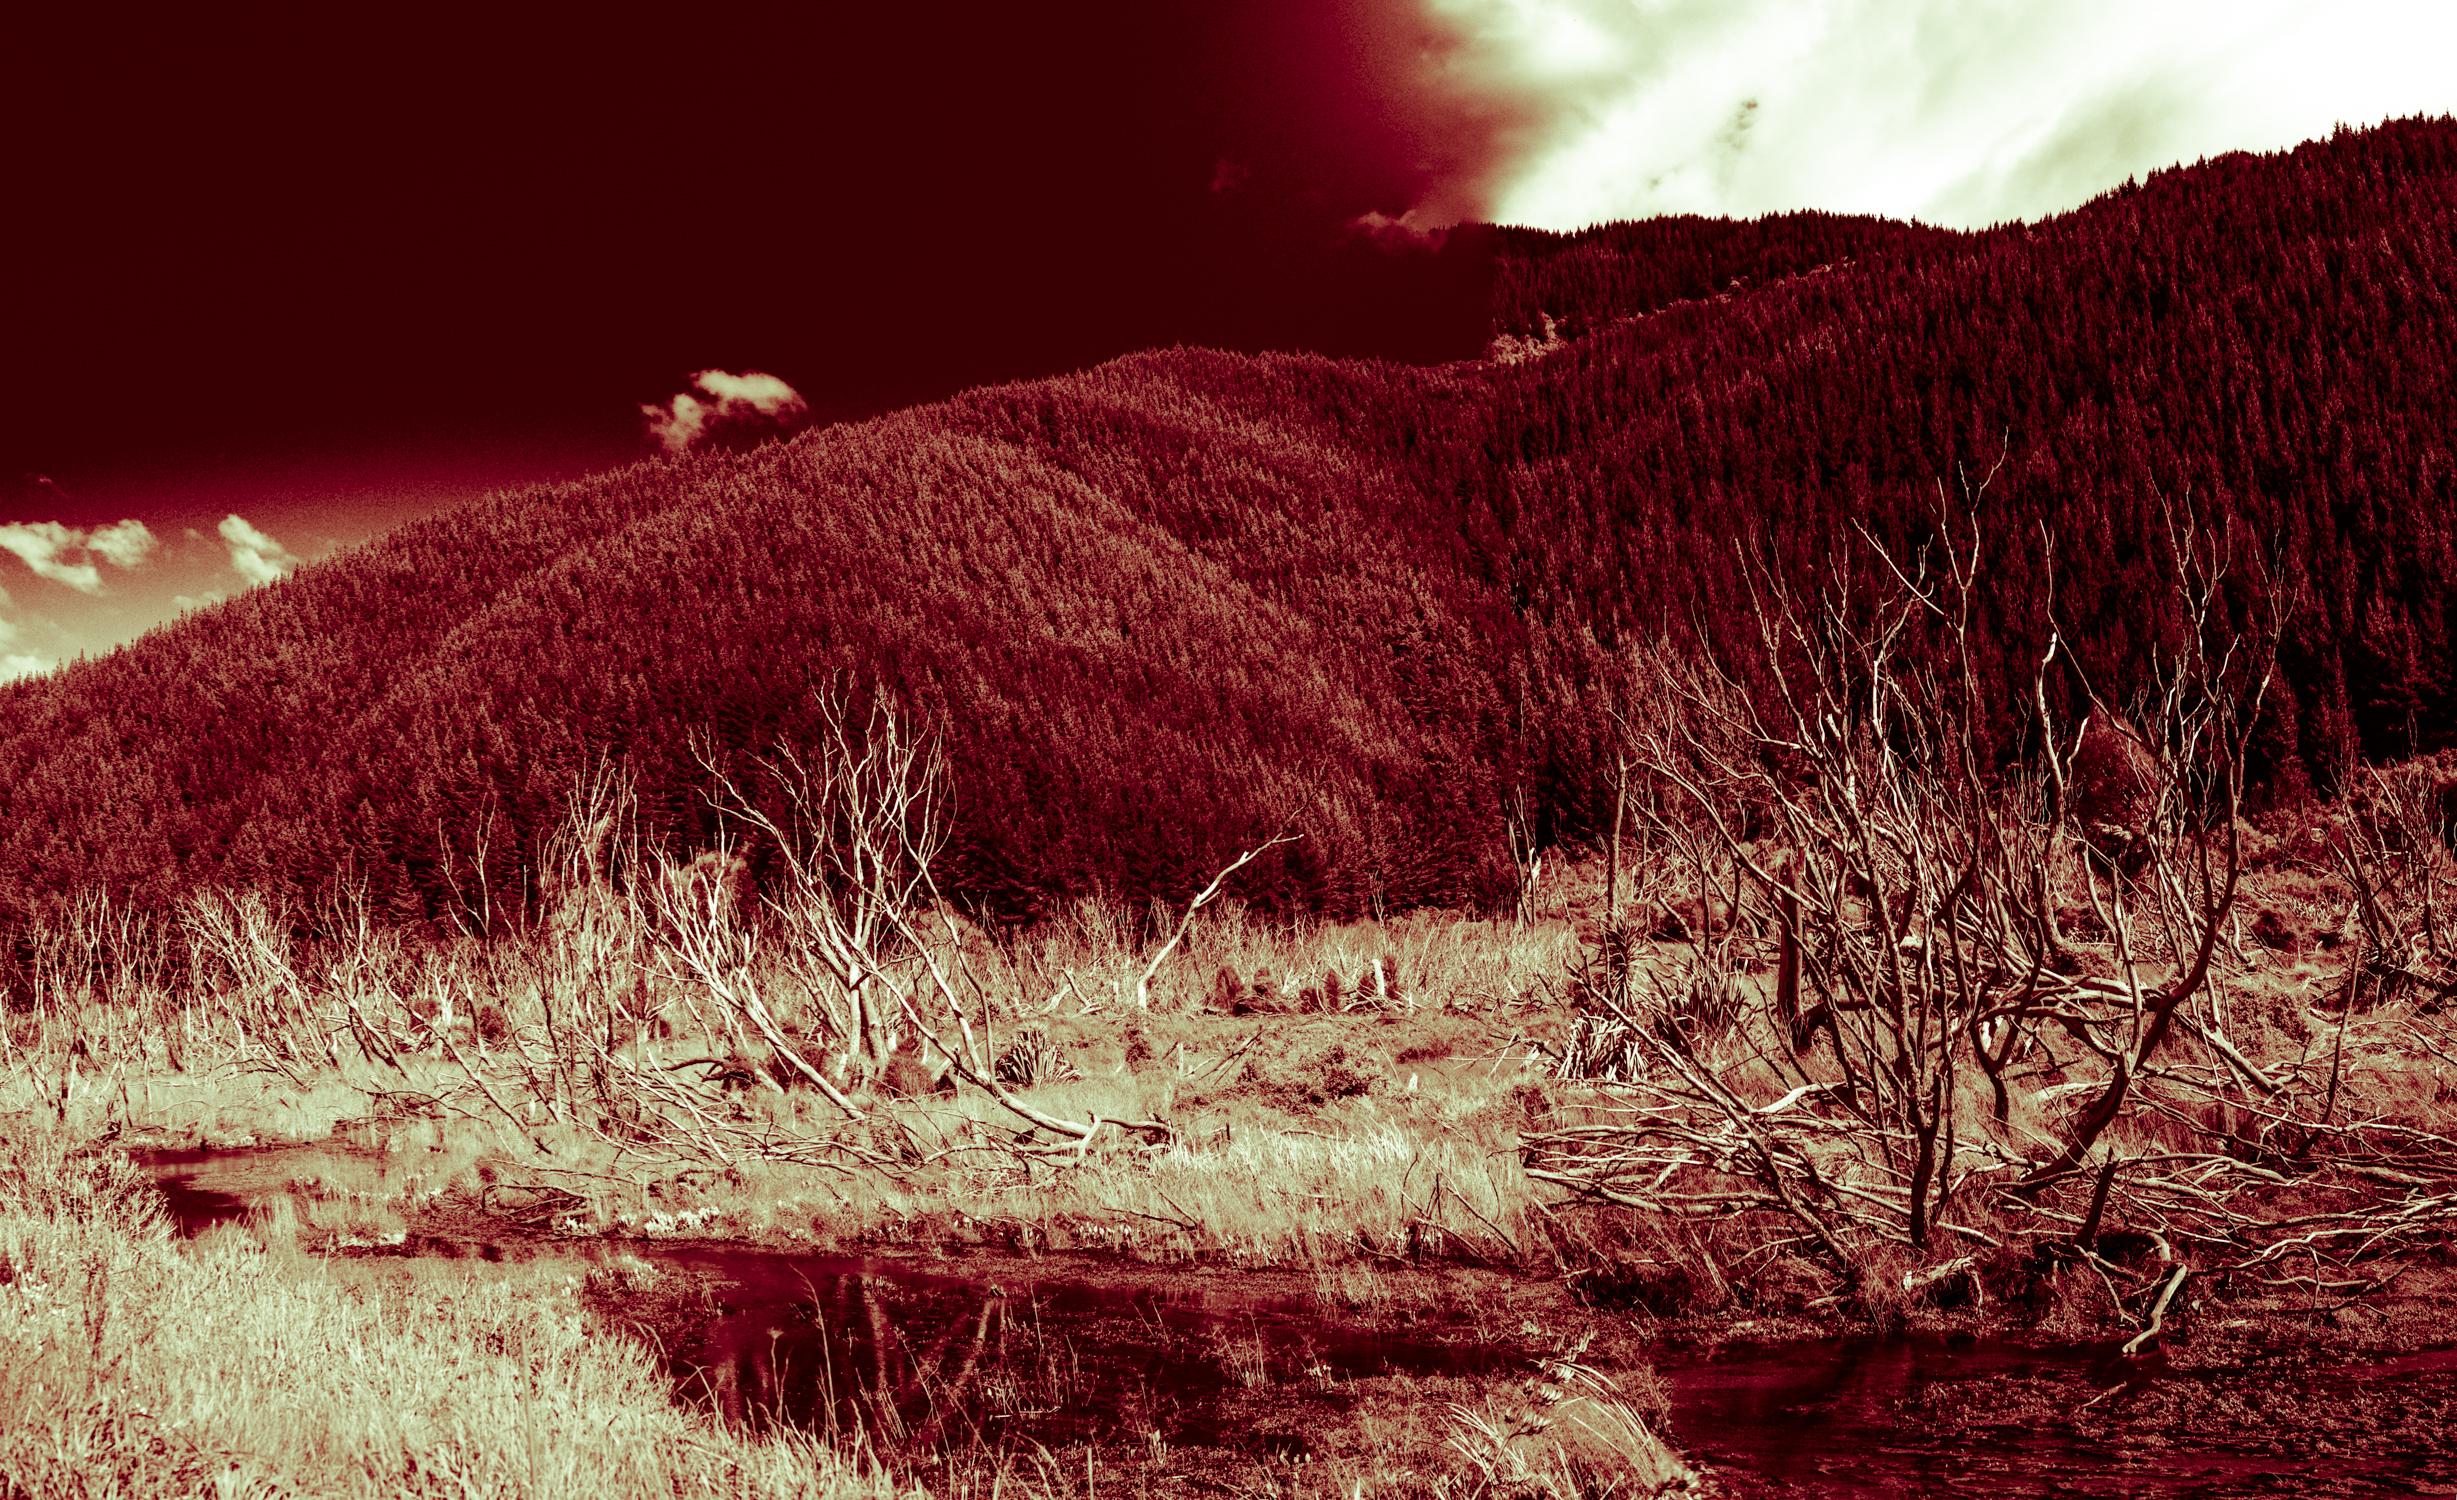 Deforestation-NewZealand-2016-HEYDT-142.jpg